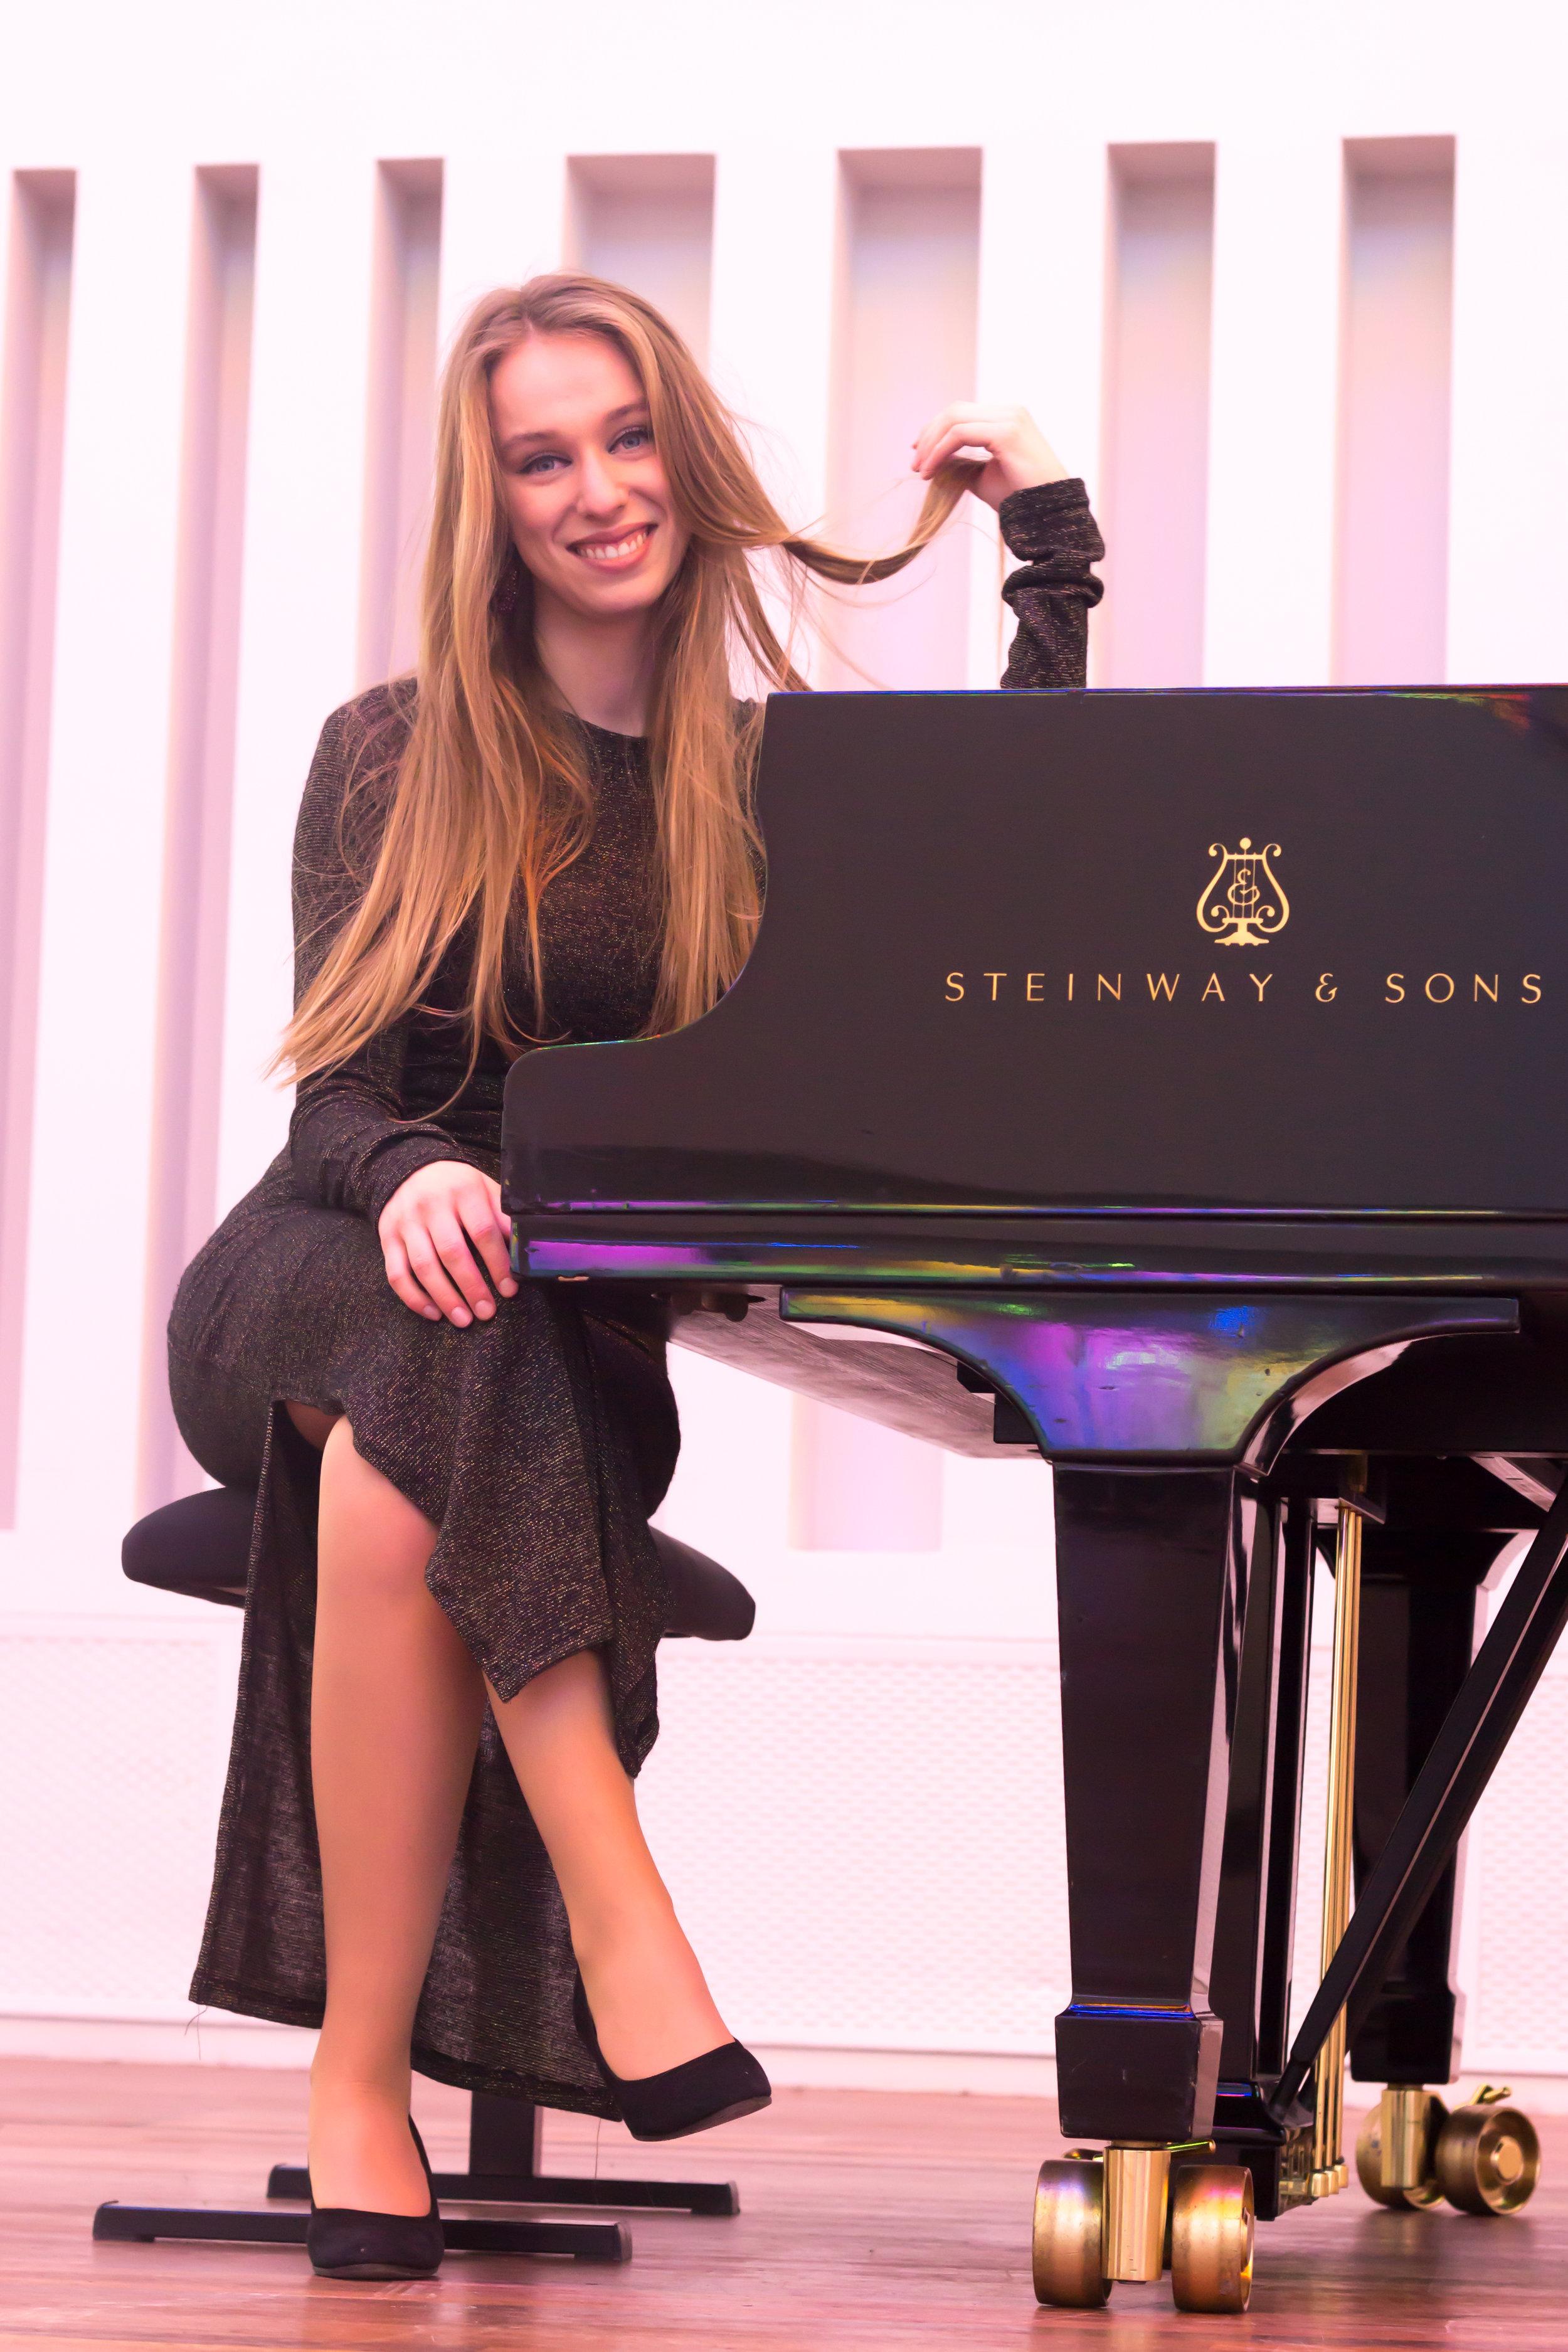 Pleuni Bekkers - Pleuni en ik hebben elkaar ontmoet tijdens onze studies aan de Hogeschool voor de Kunsten in Tilburg, waar zij klassiek piano aan het conservatorium studeert. Pleuni is erg goed in het luisteren naar de muzikanten waarmee ze samenspeelt en in het aanvoelen van de sfeer in een ruimte. Ze biedt een warme, rustige begeleiding met veel jazz invloeden.